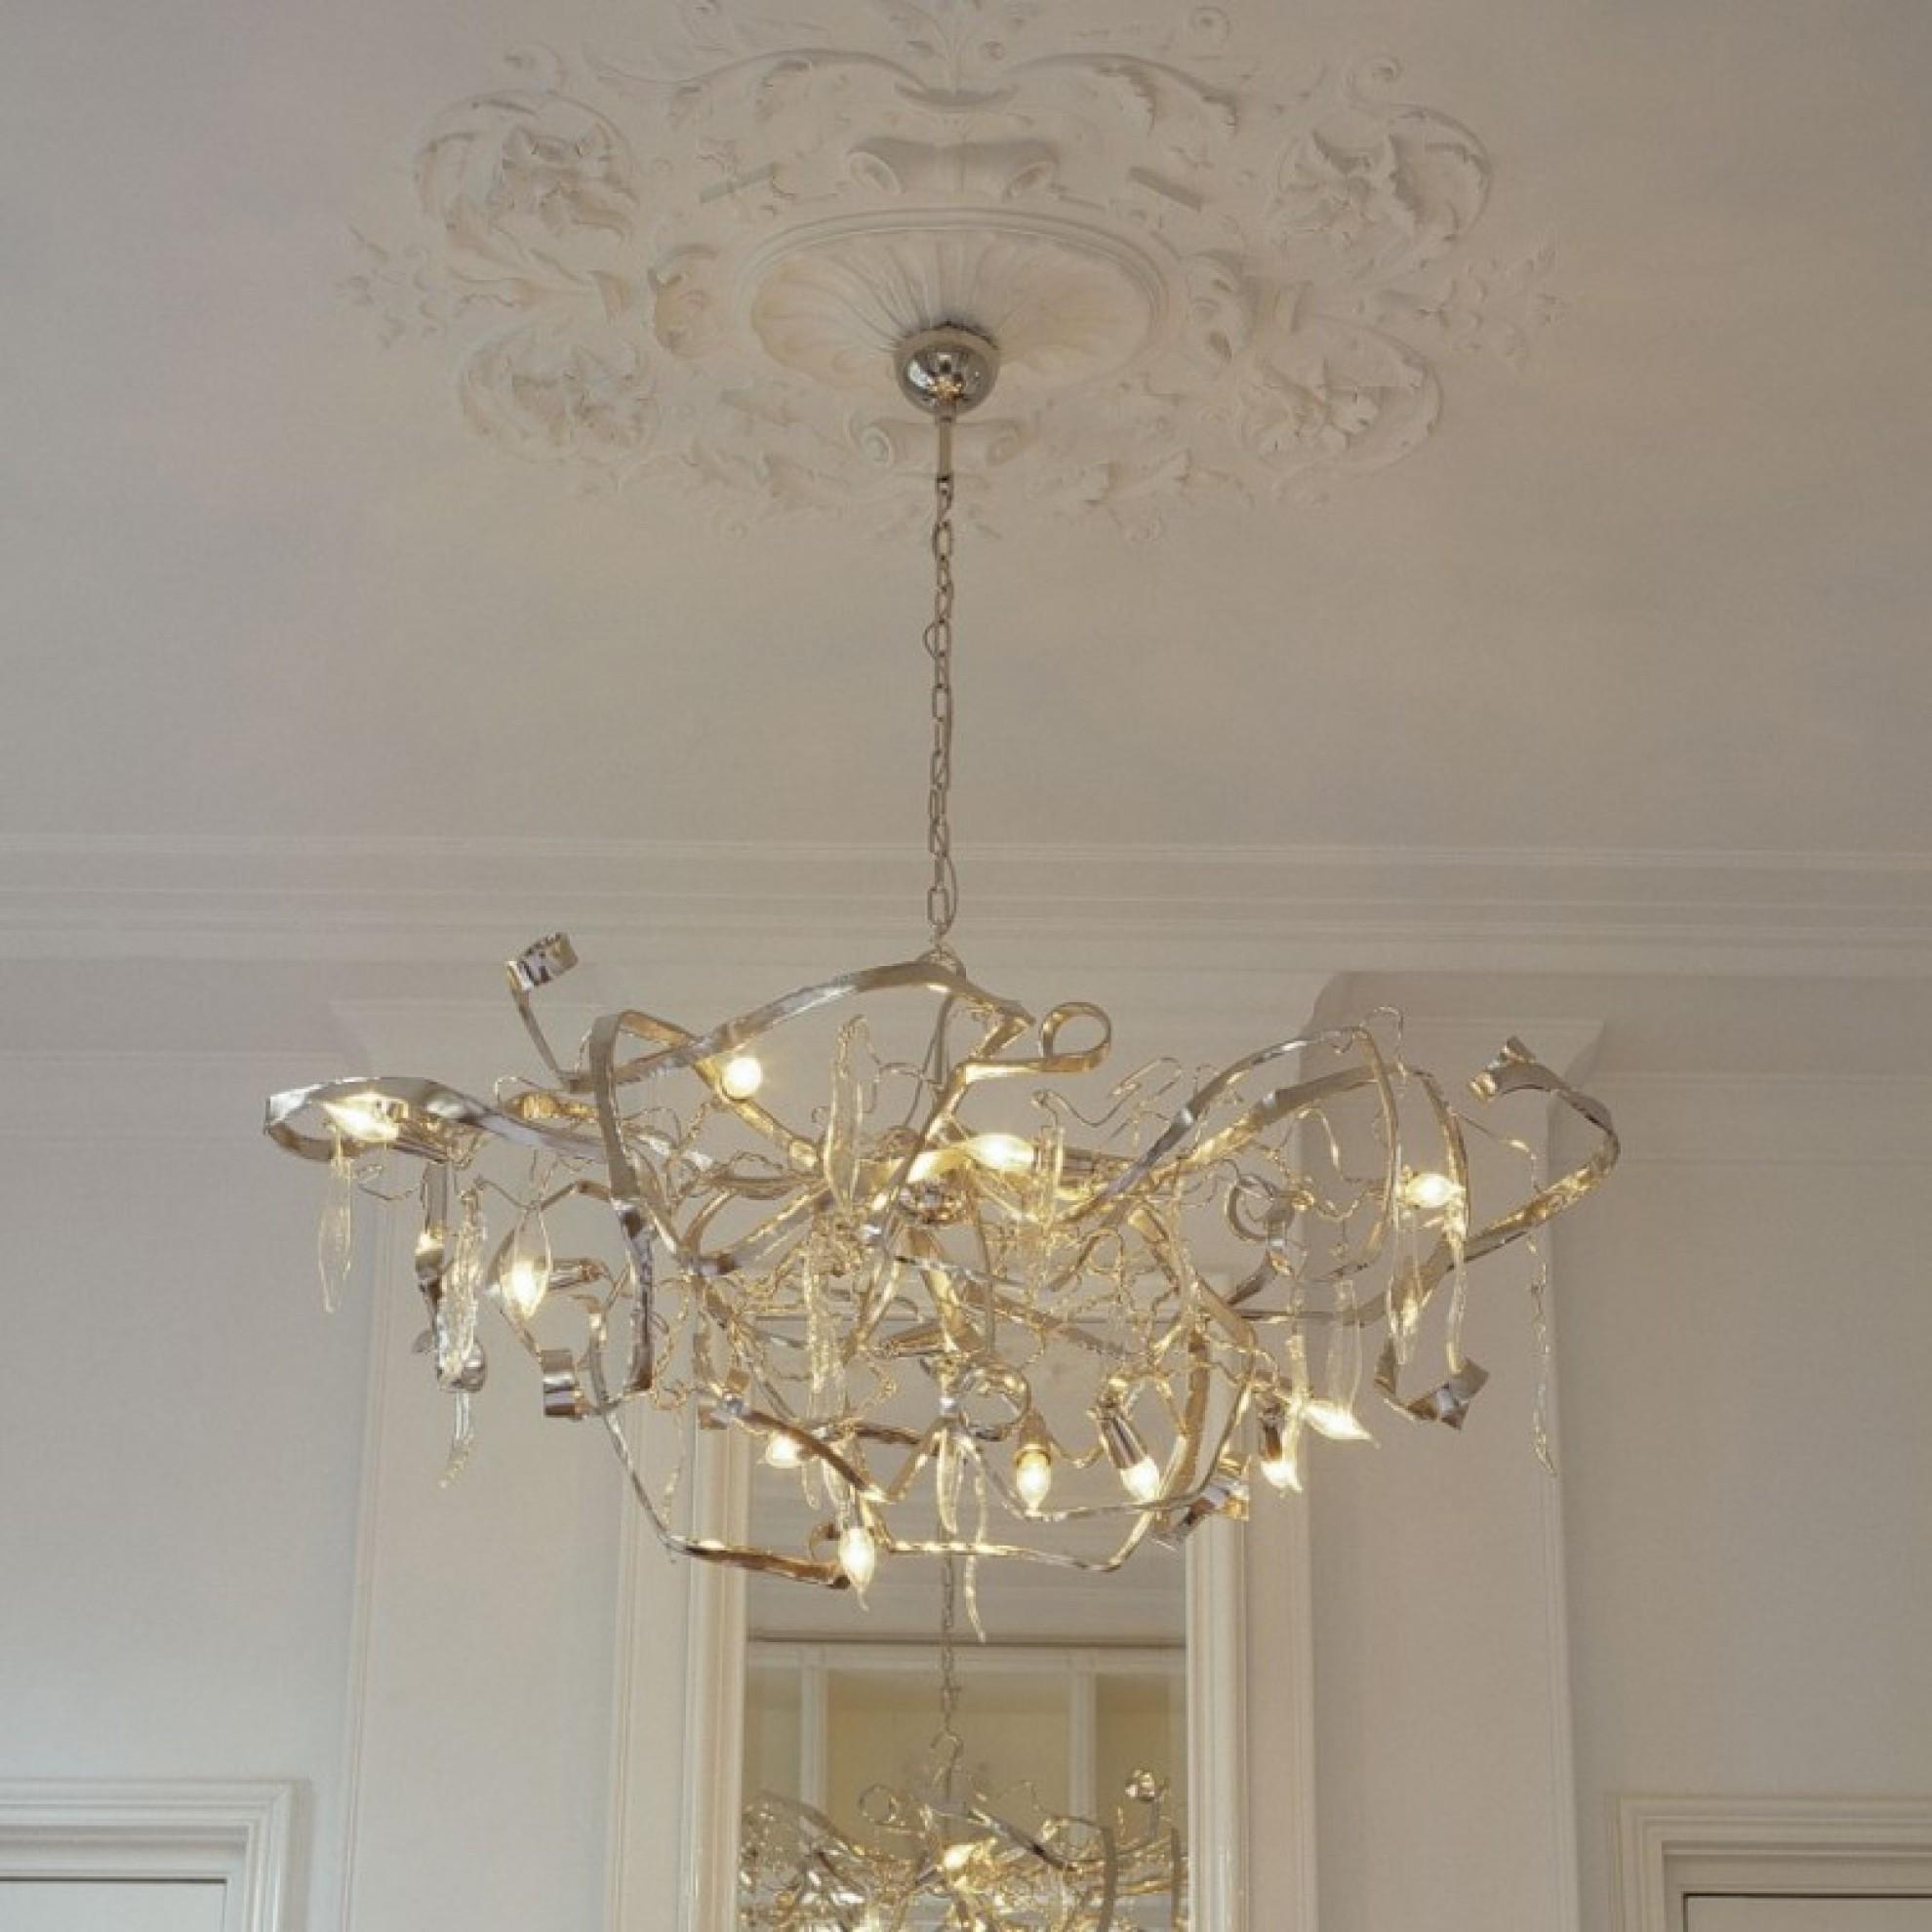 Kronleuchter DELPHINIUM oval Brand van Egmond bei Home amp Light